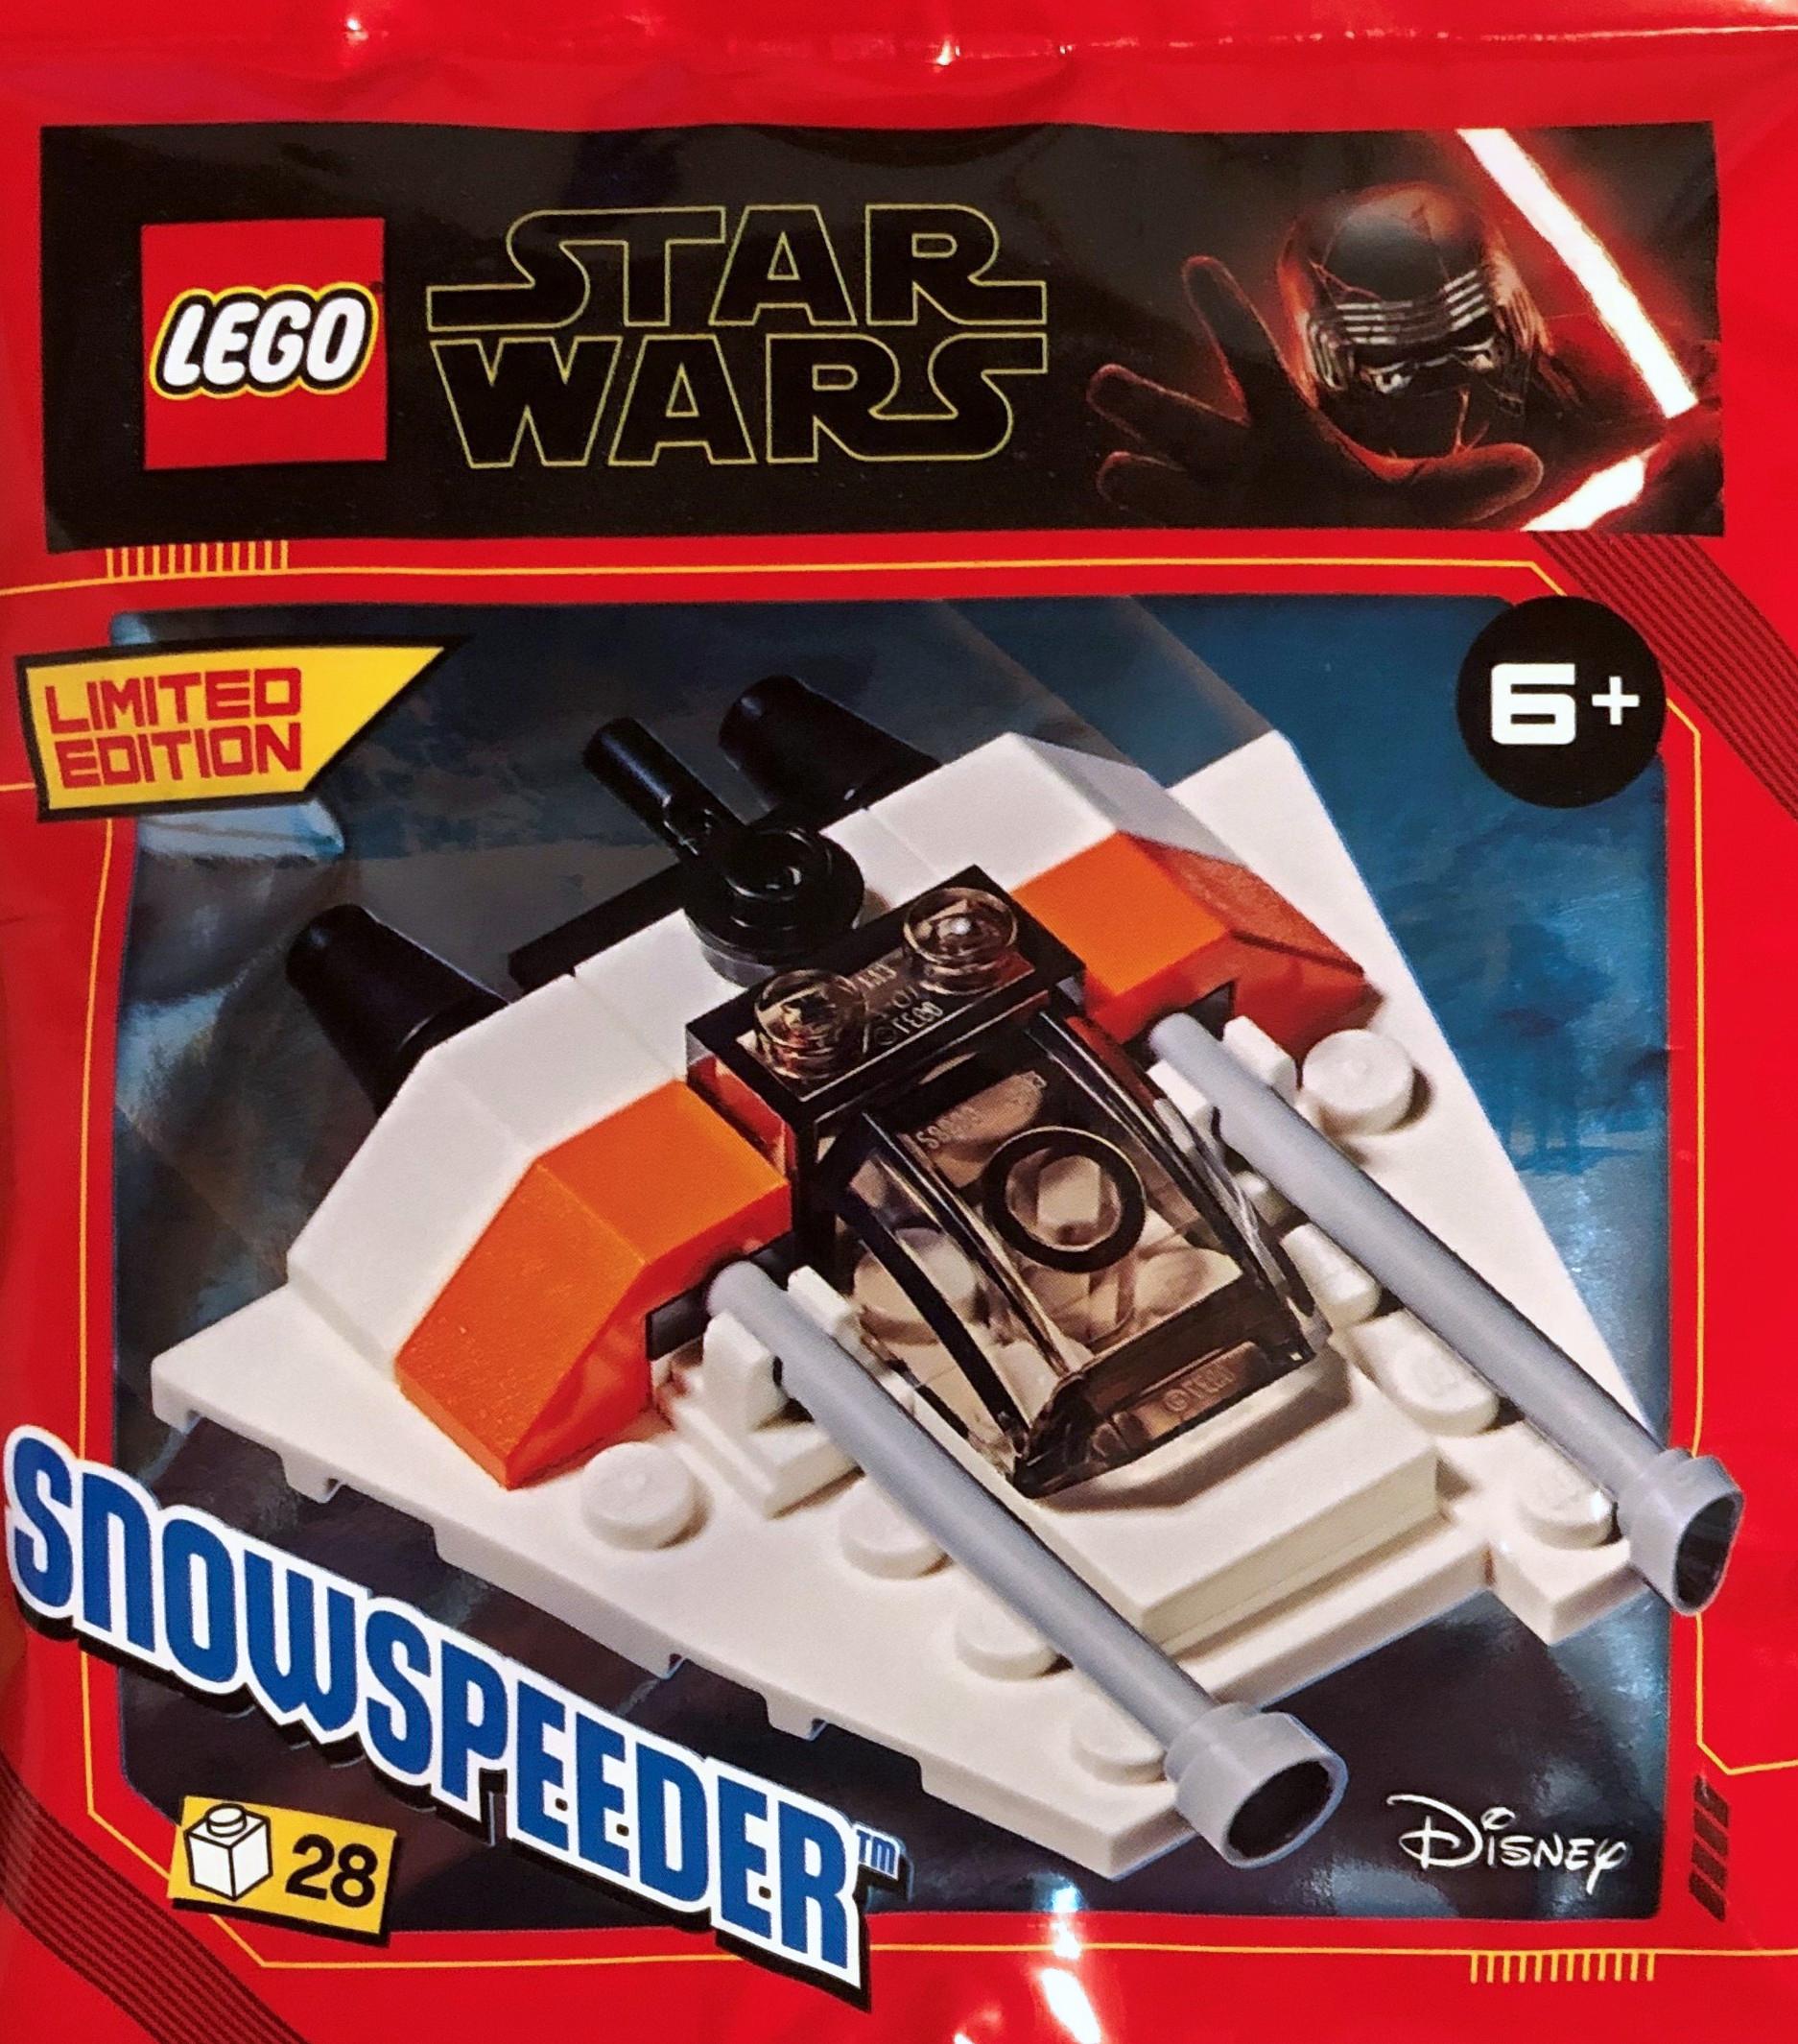 912055 Snowspeeder